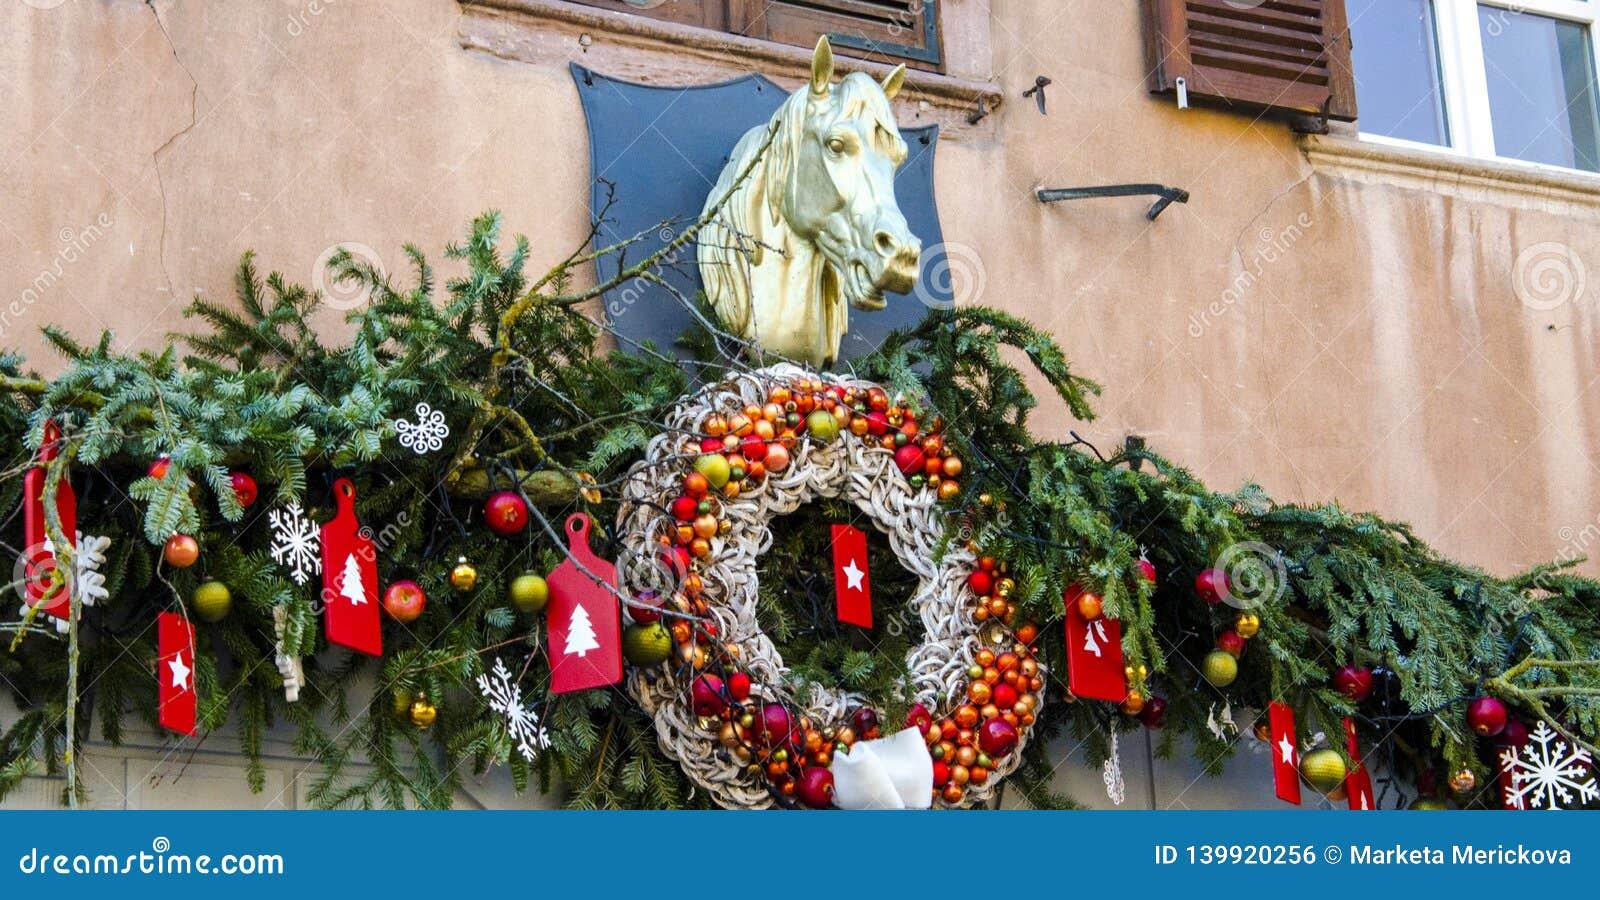 Στεφάνι και διακοσμήσεις Χριστουγέννων στην πρόσοψη με το γλυπτό του αλόγου